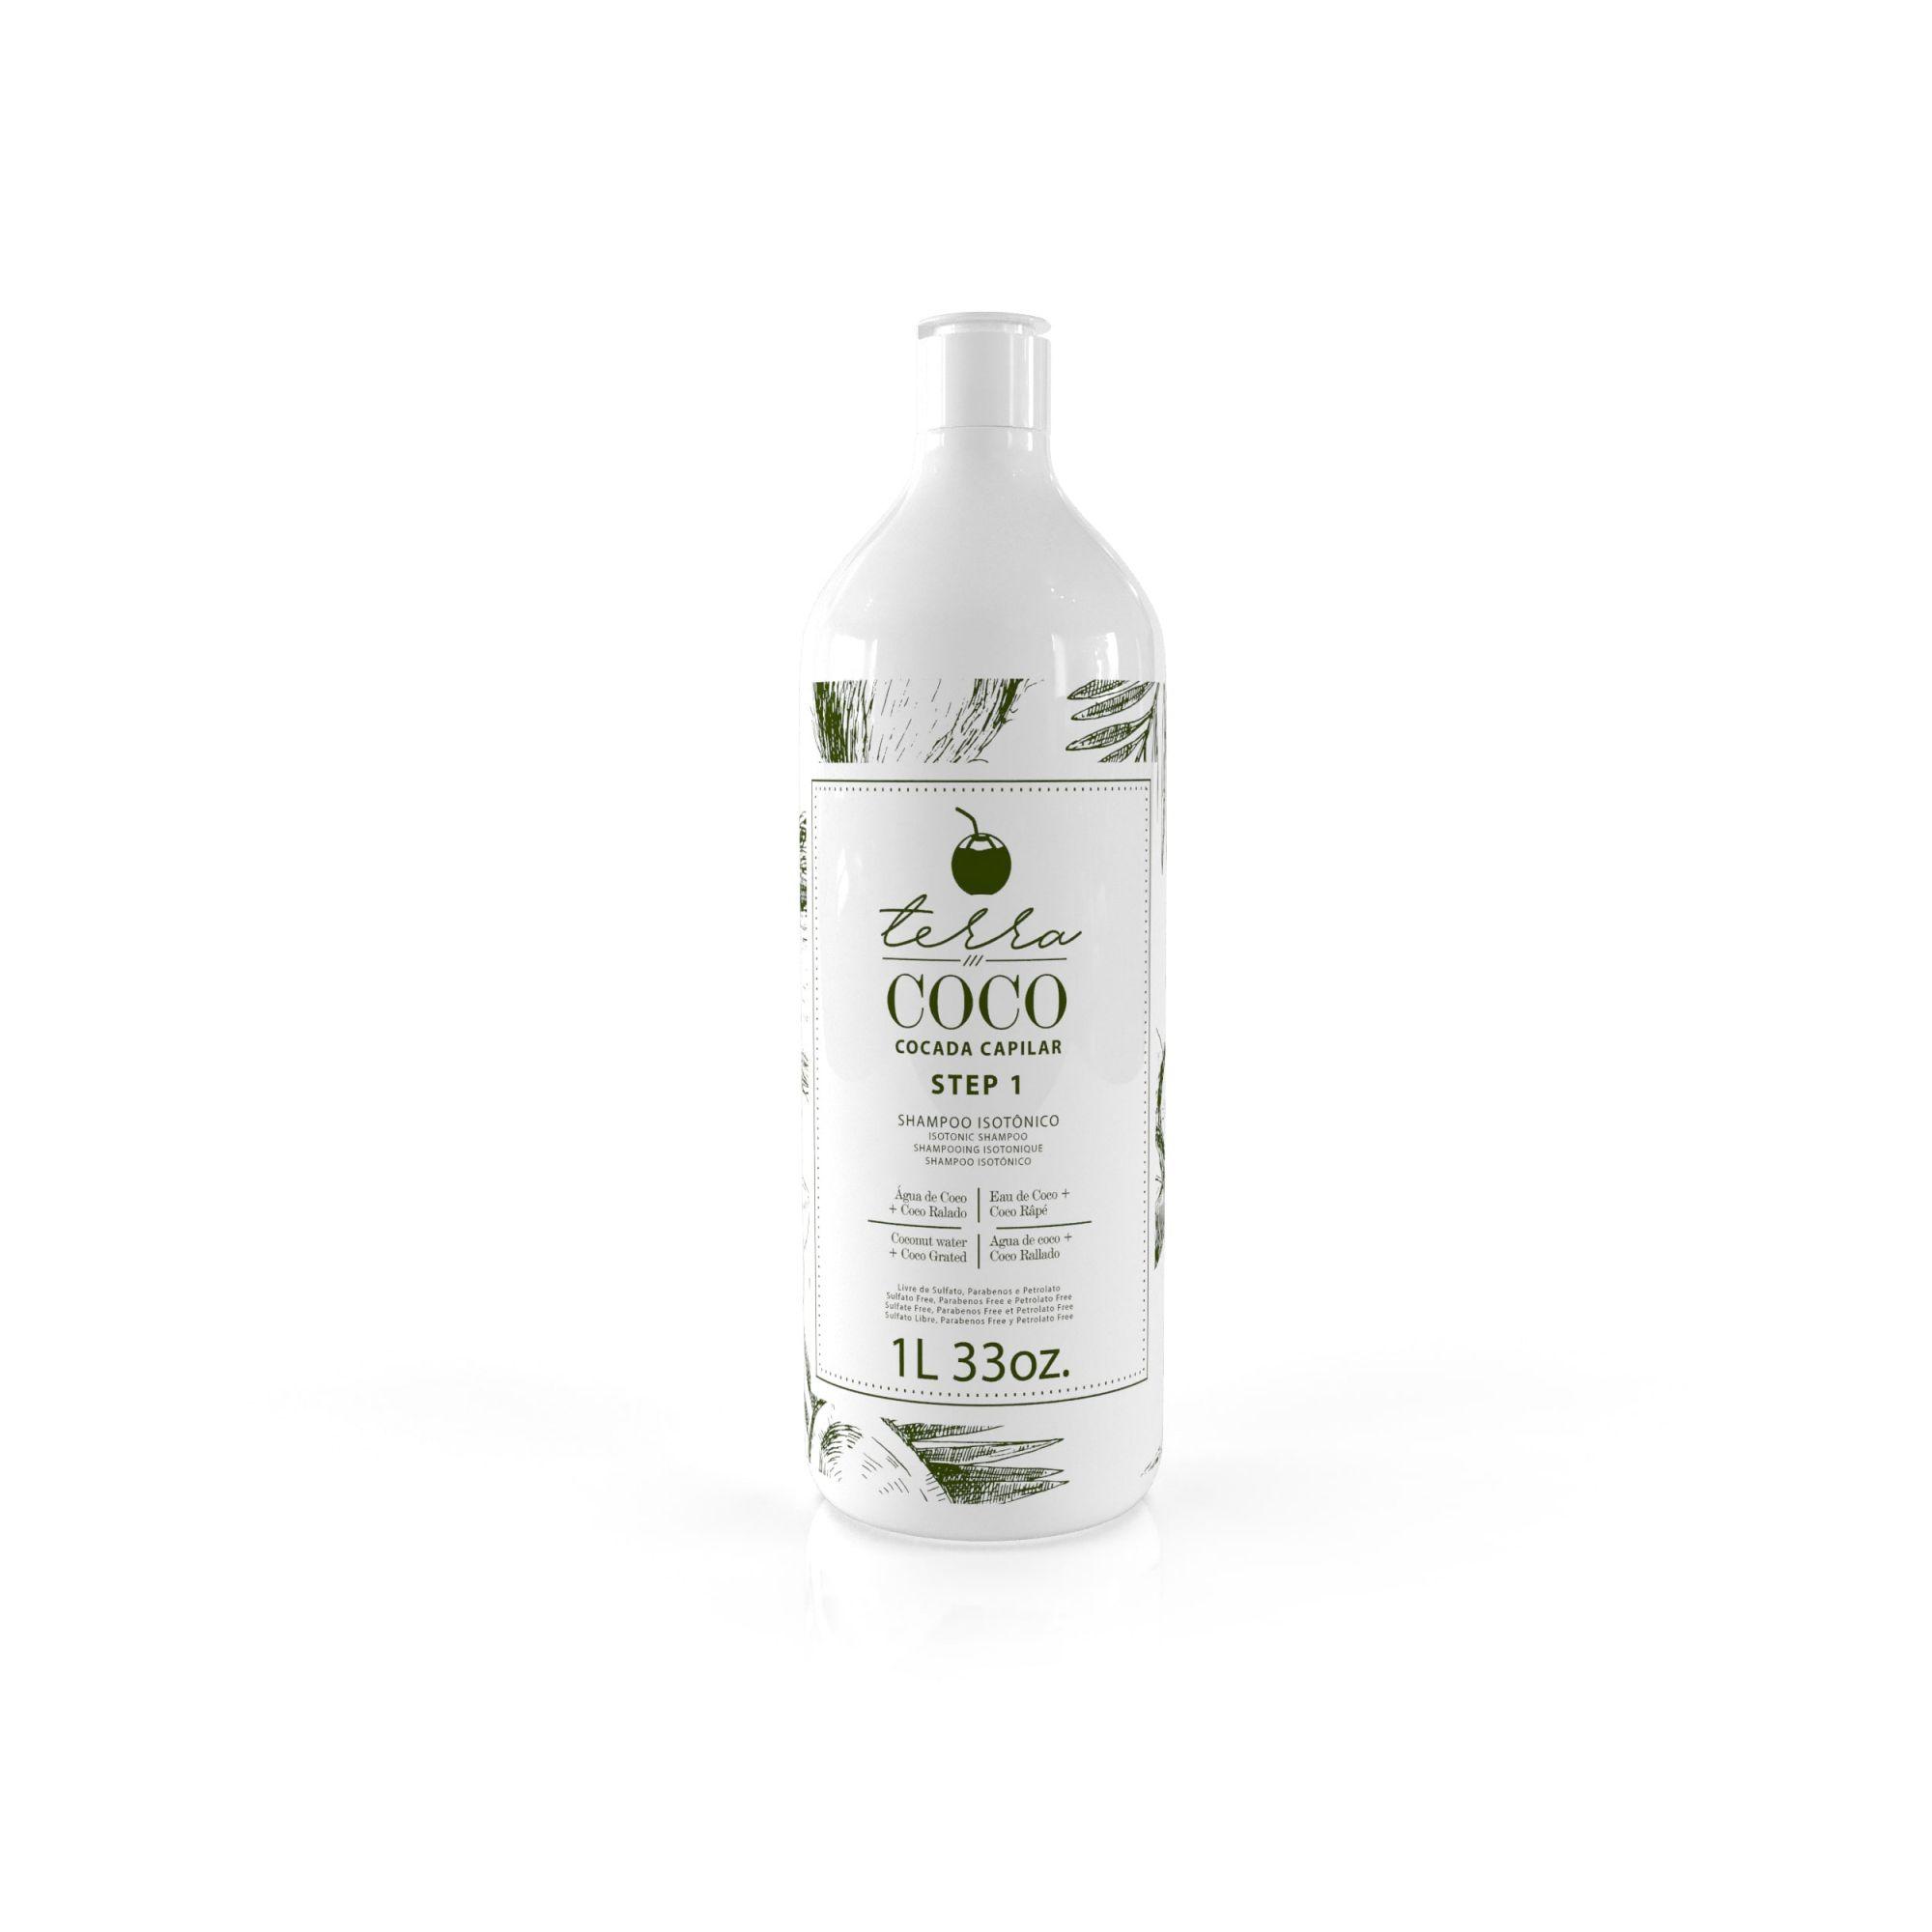 Shampoo Isotônico Sulfato Free 1L - Terra Coco